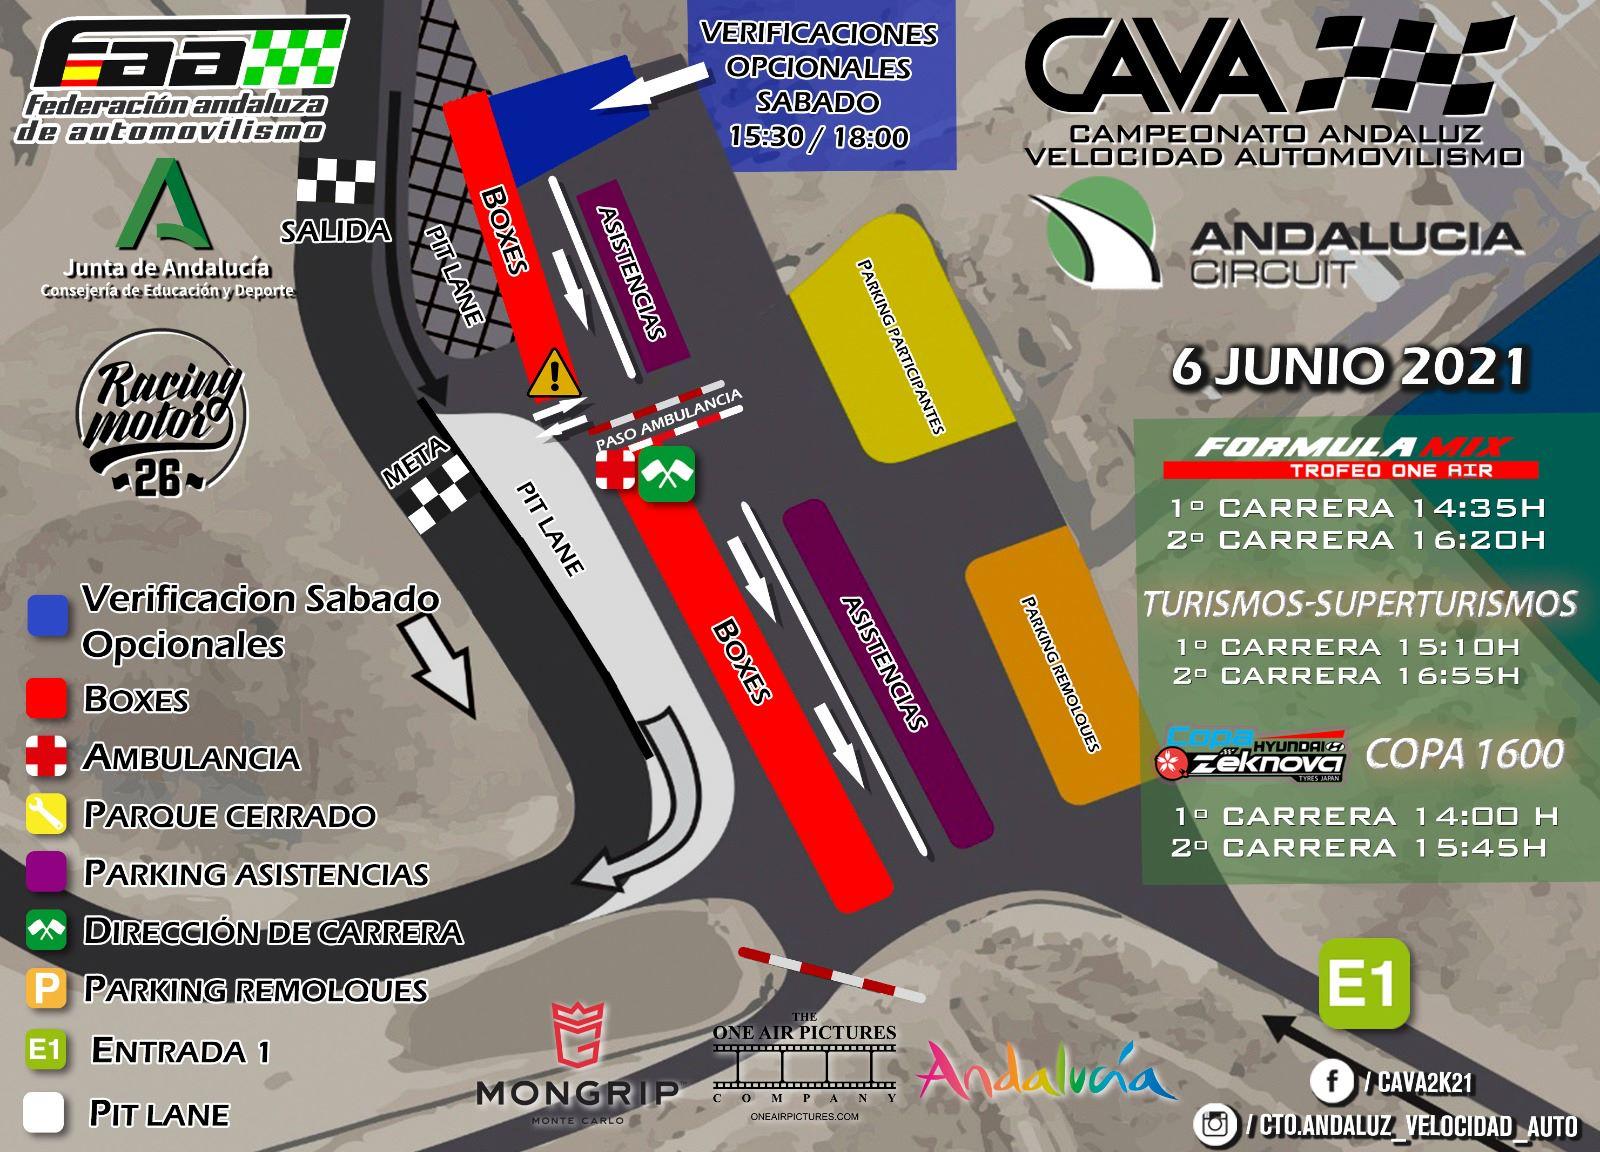 Ubicaciones Campeonato Andaluz Campeonato Velocidad Automovilismo - Almería